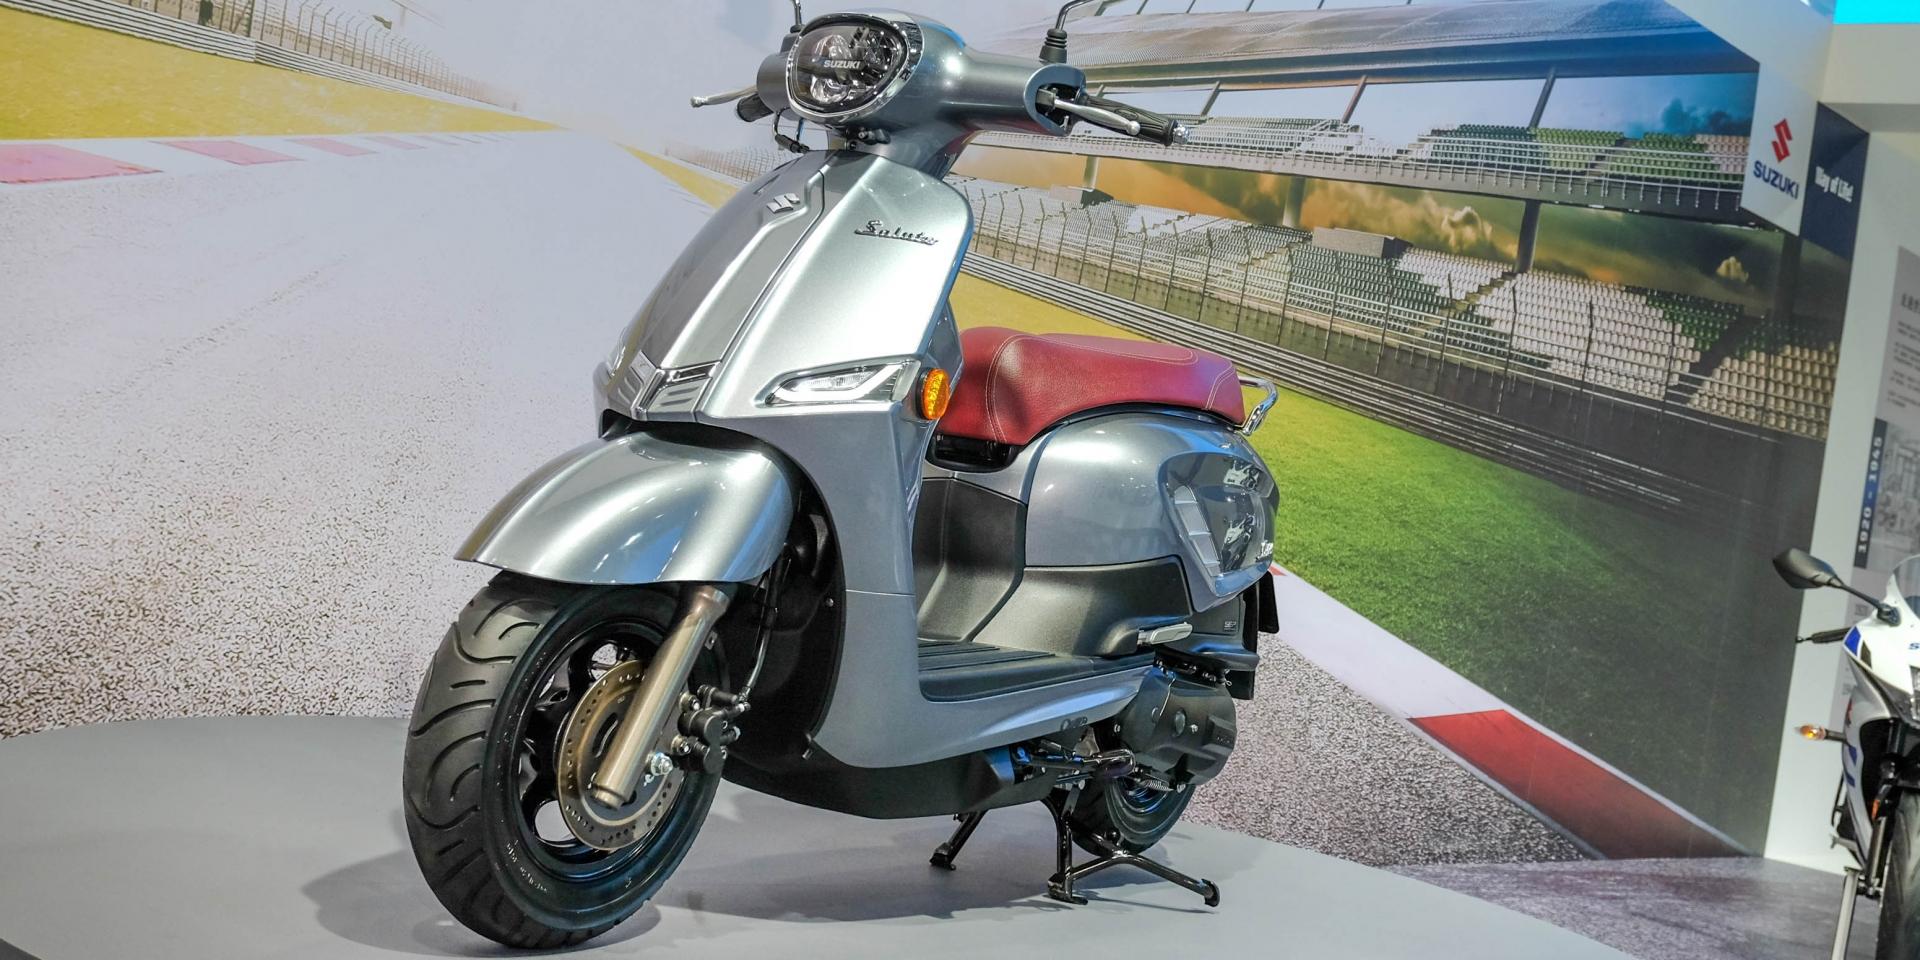 Suzuki Luncurkan Saluto 125, Penantang Serius Vespa dan Lambretta?